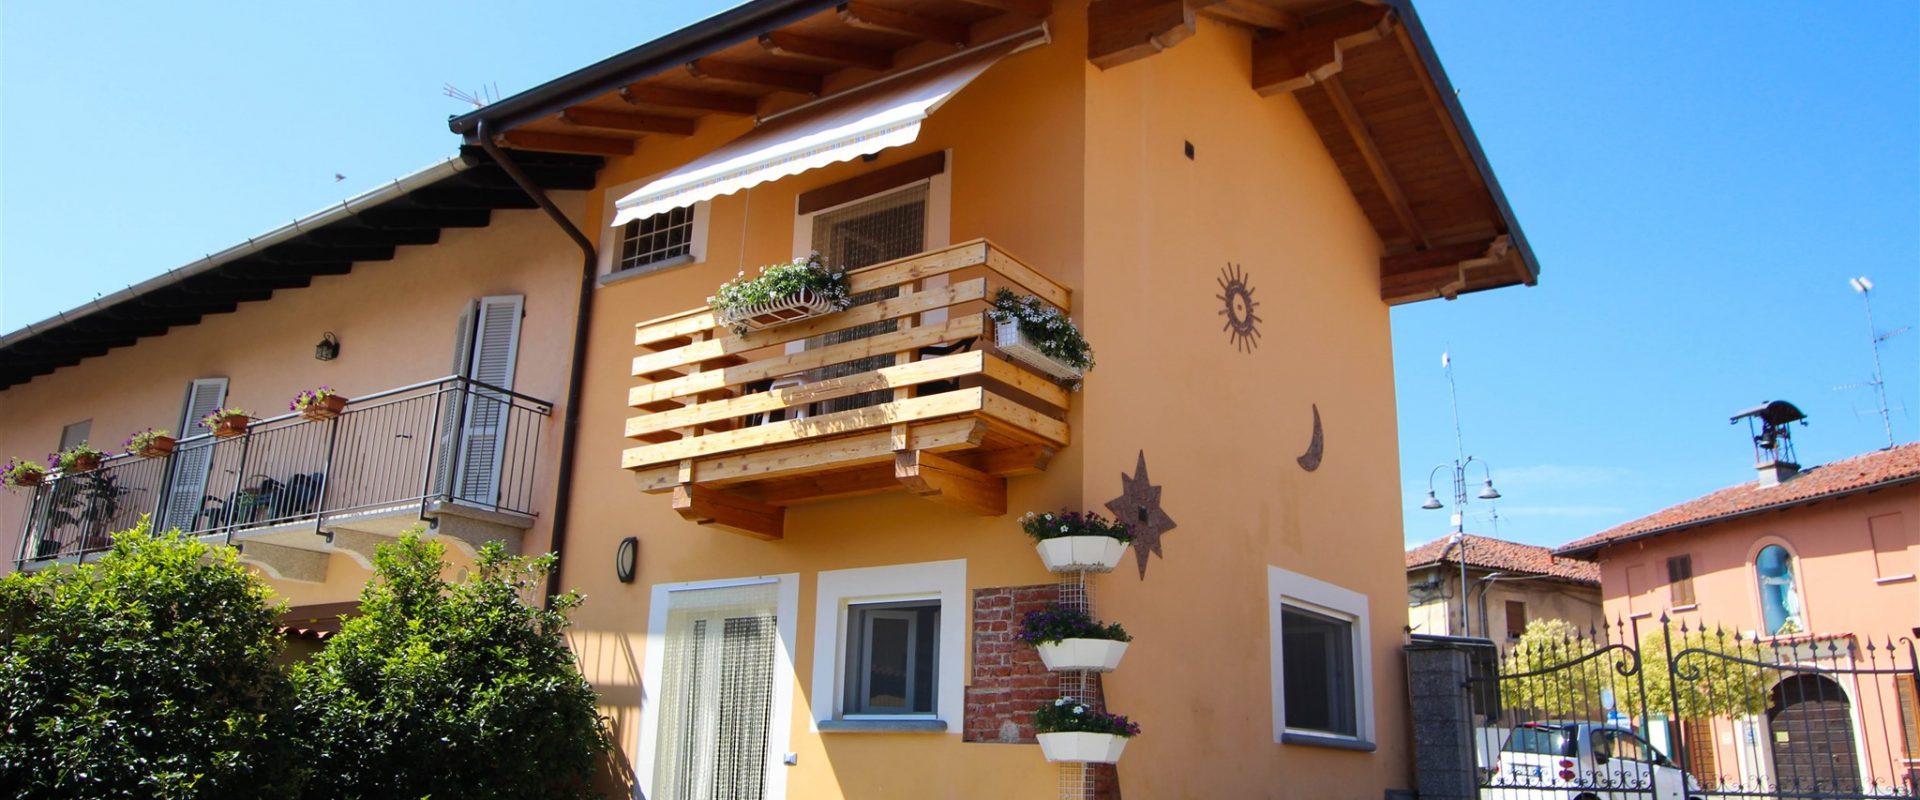 Abitazione indipendente con cortile